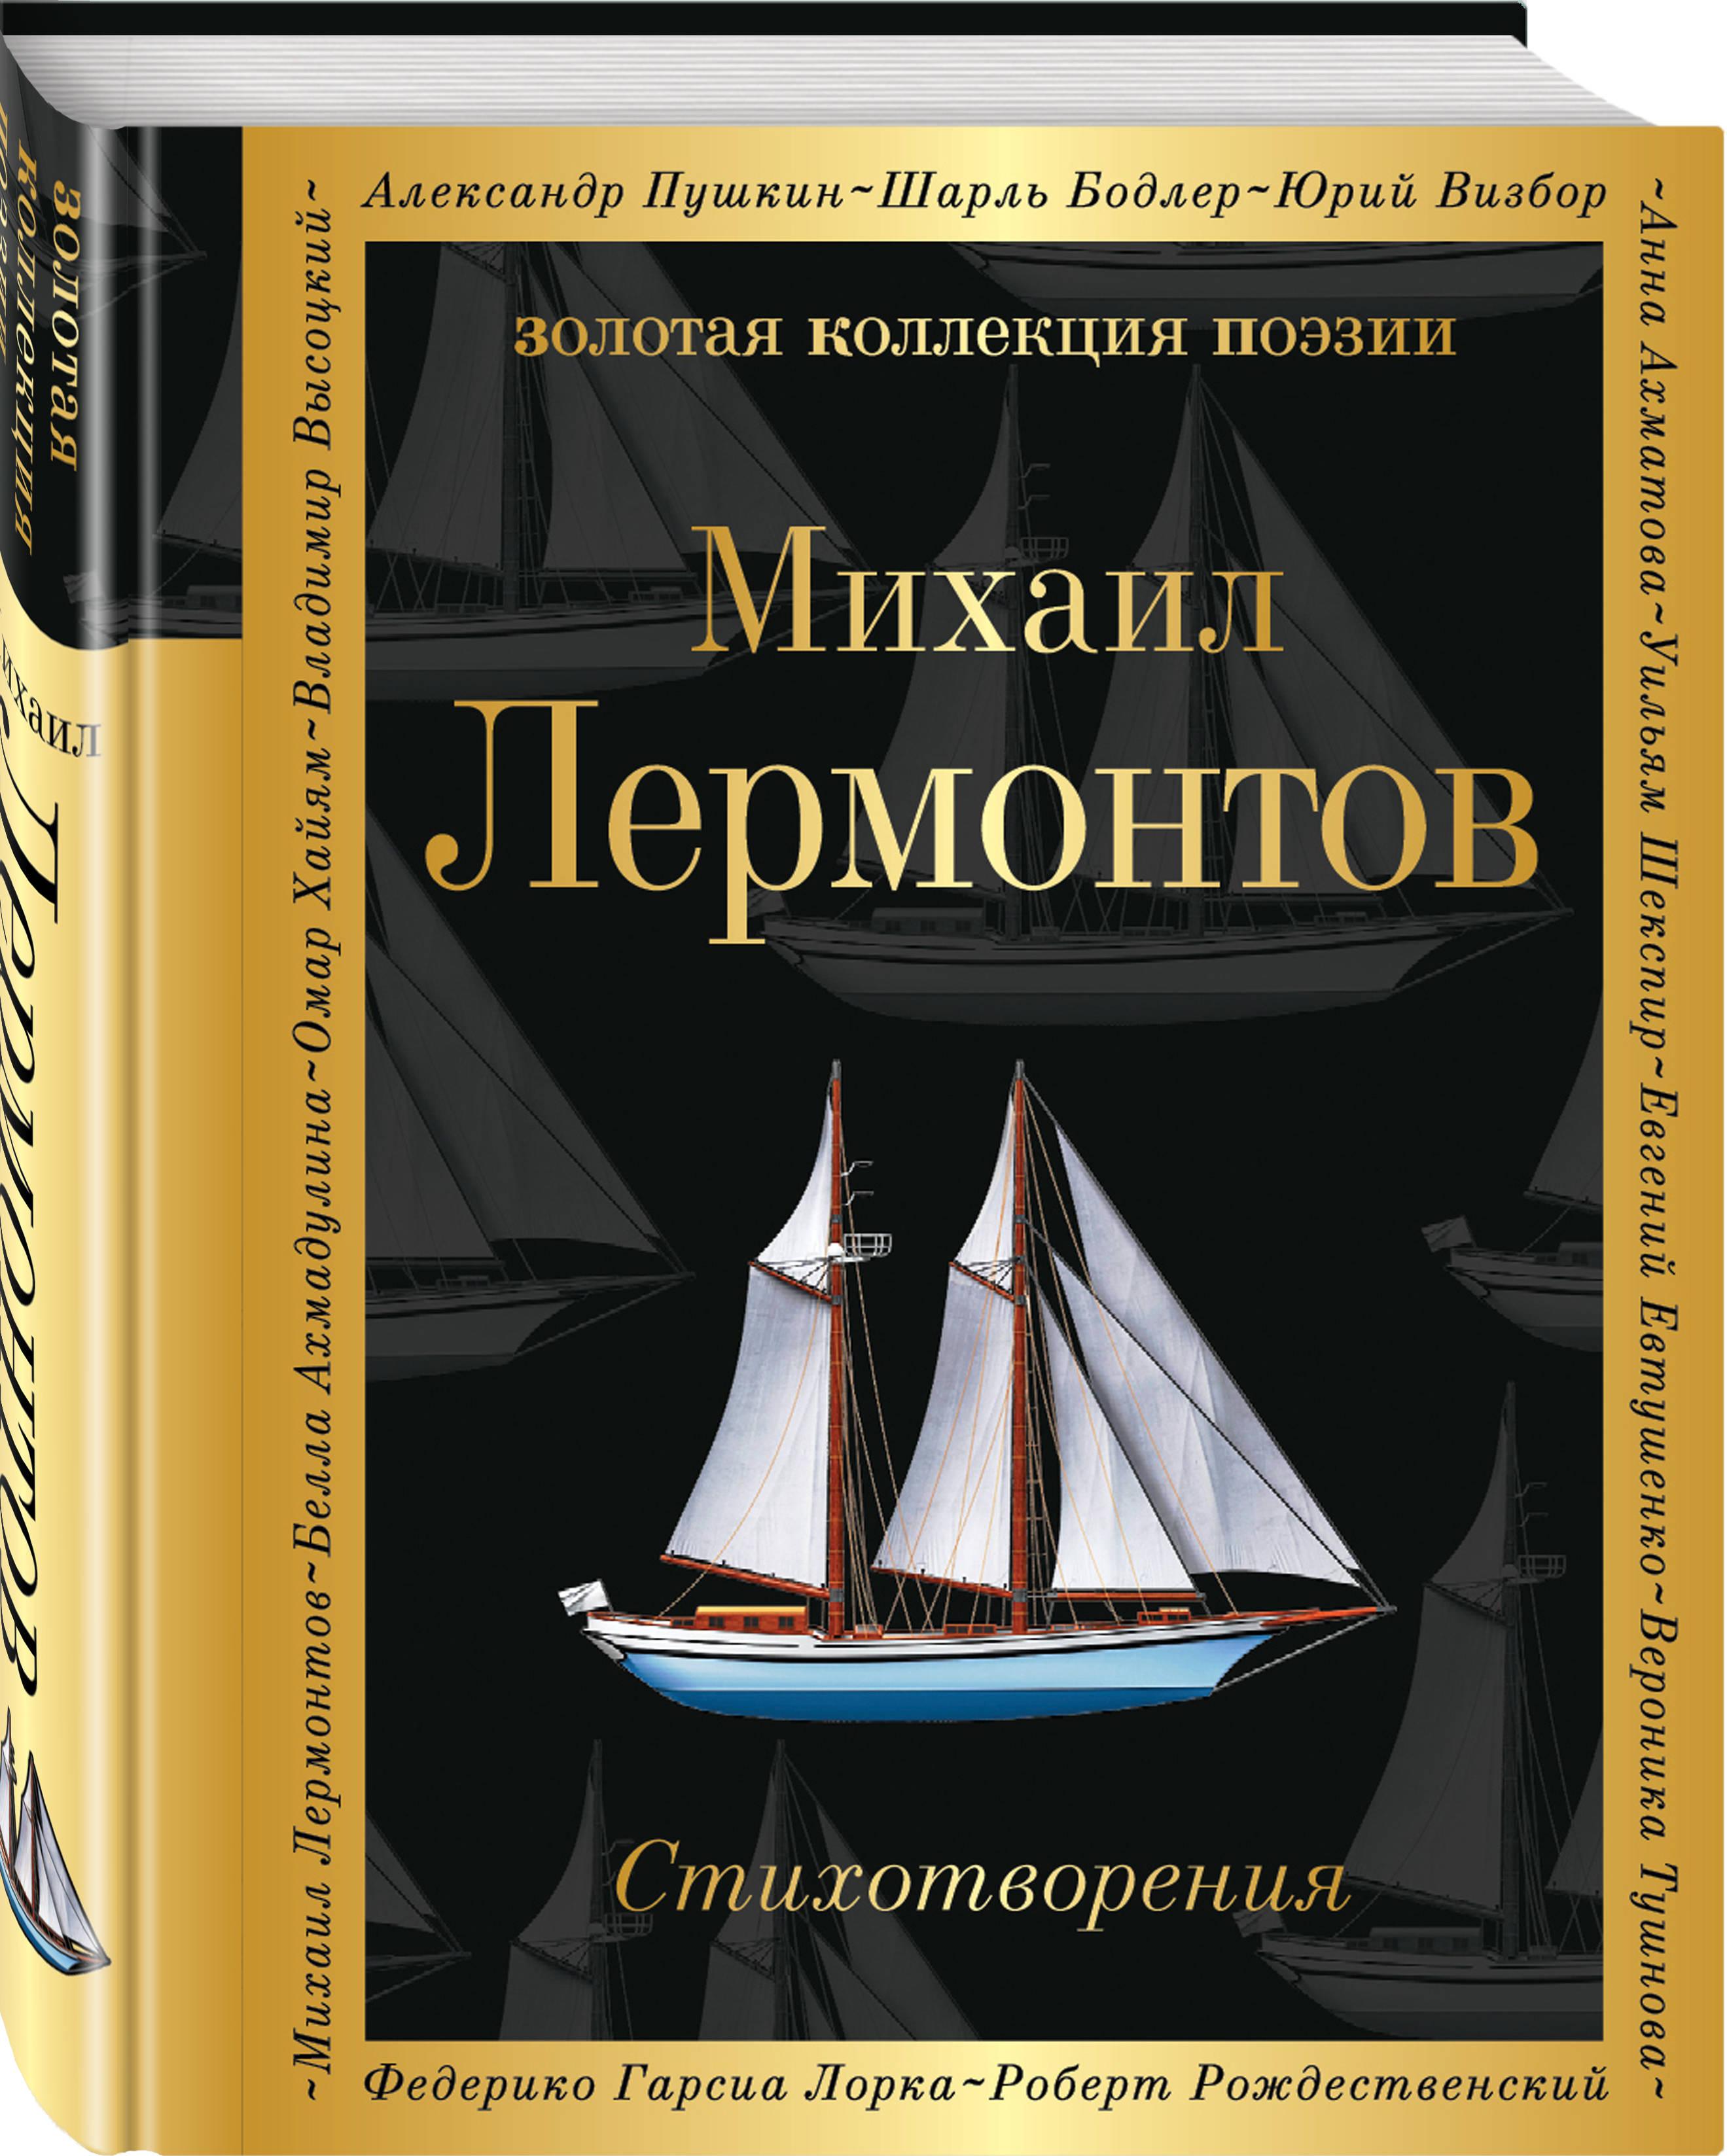 купить Михаил Лермонтов Стихотворения по цене 203 рублей